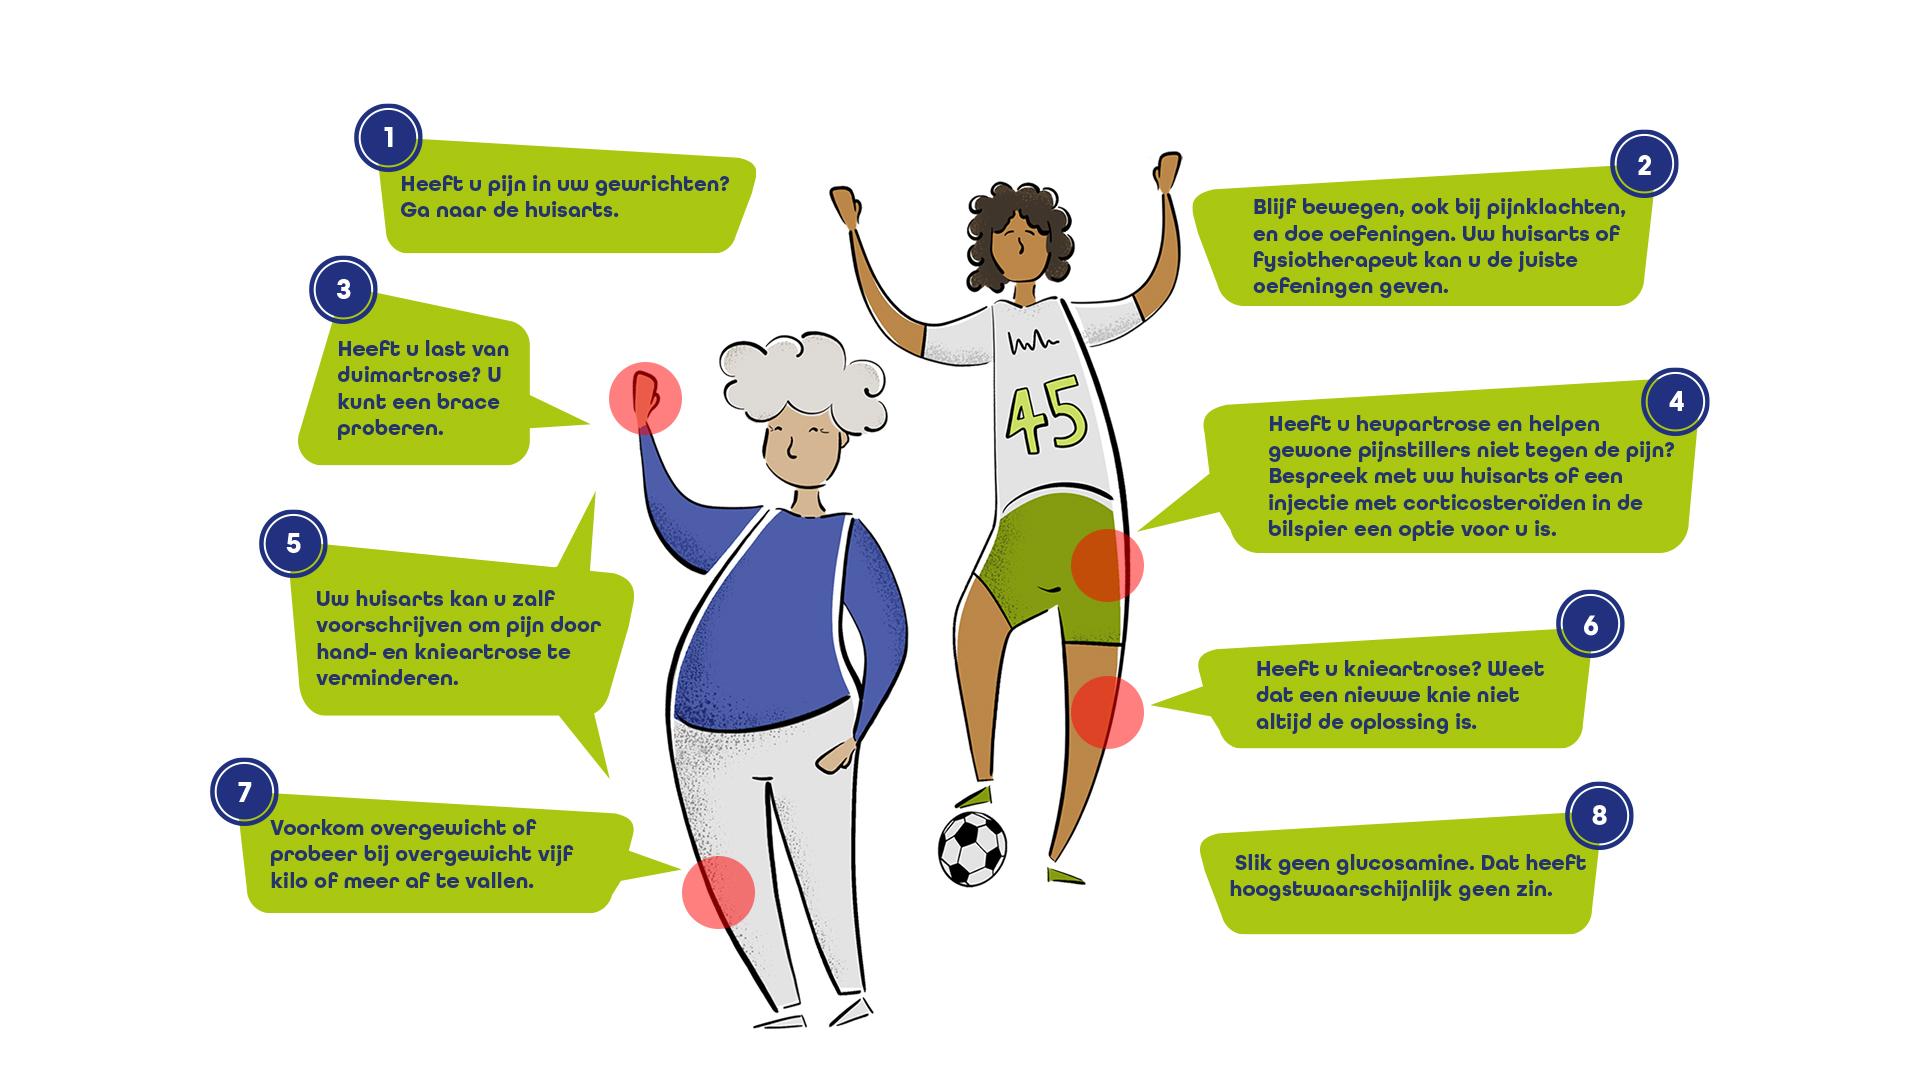 Infographic: wat weten we dankzij onderzoek naar artrose?